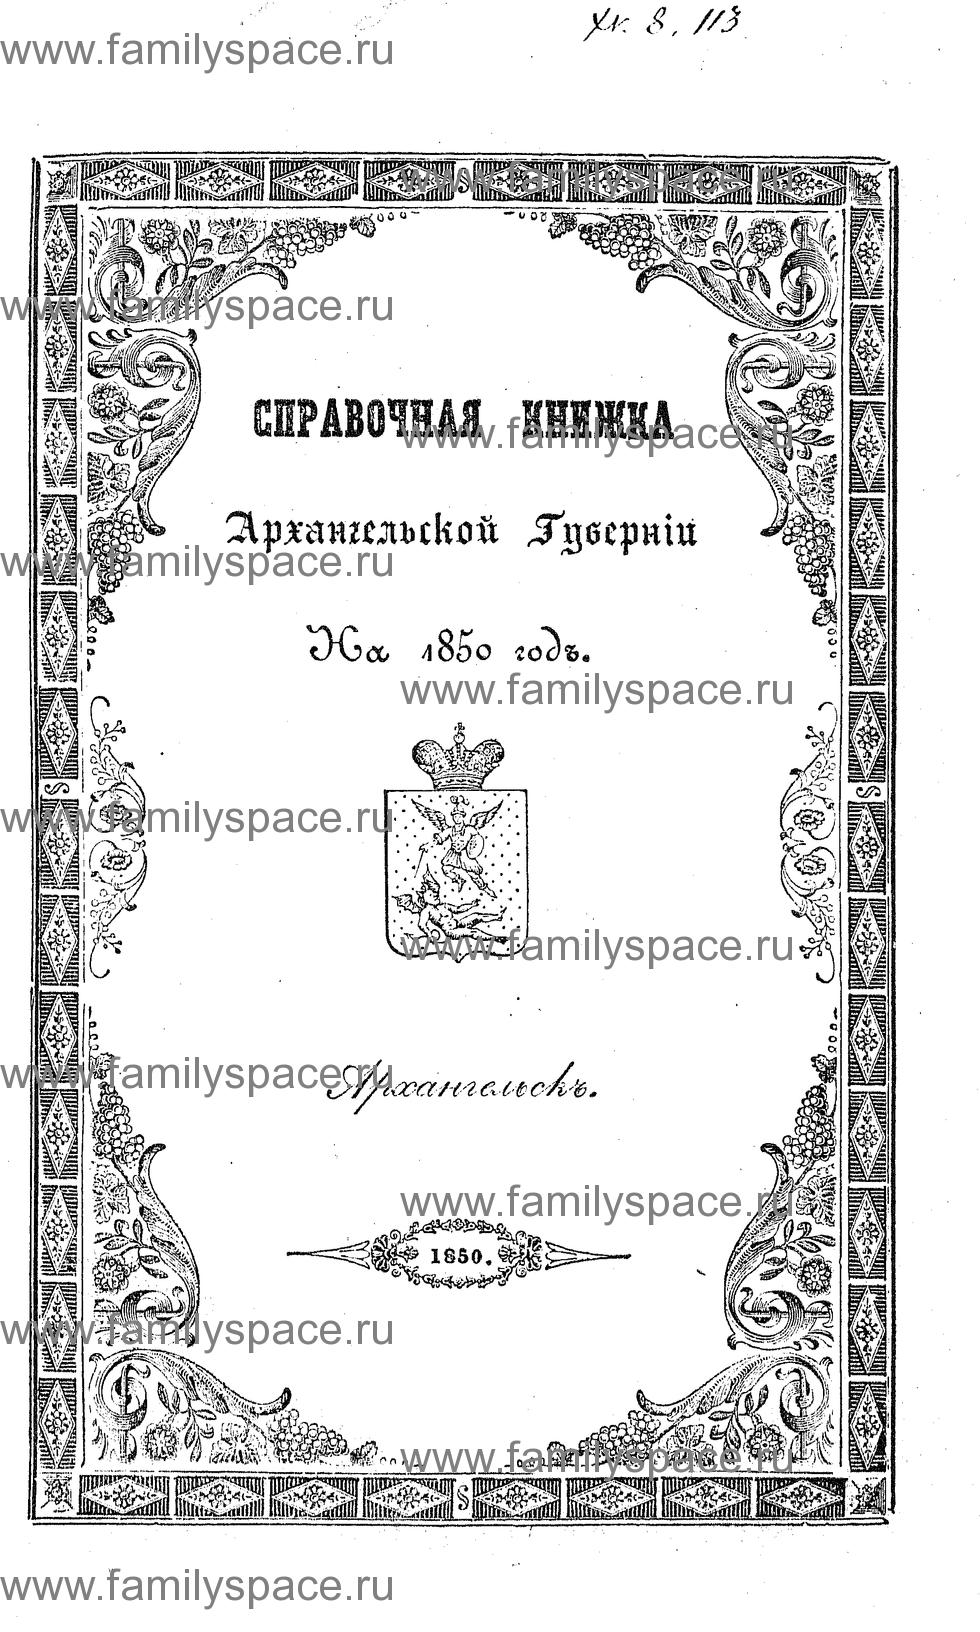 Поиск по фамилии - Справочная книжка Архангельской губернии 1850 г., страница 1